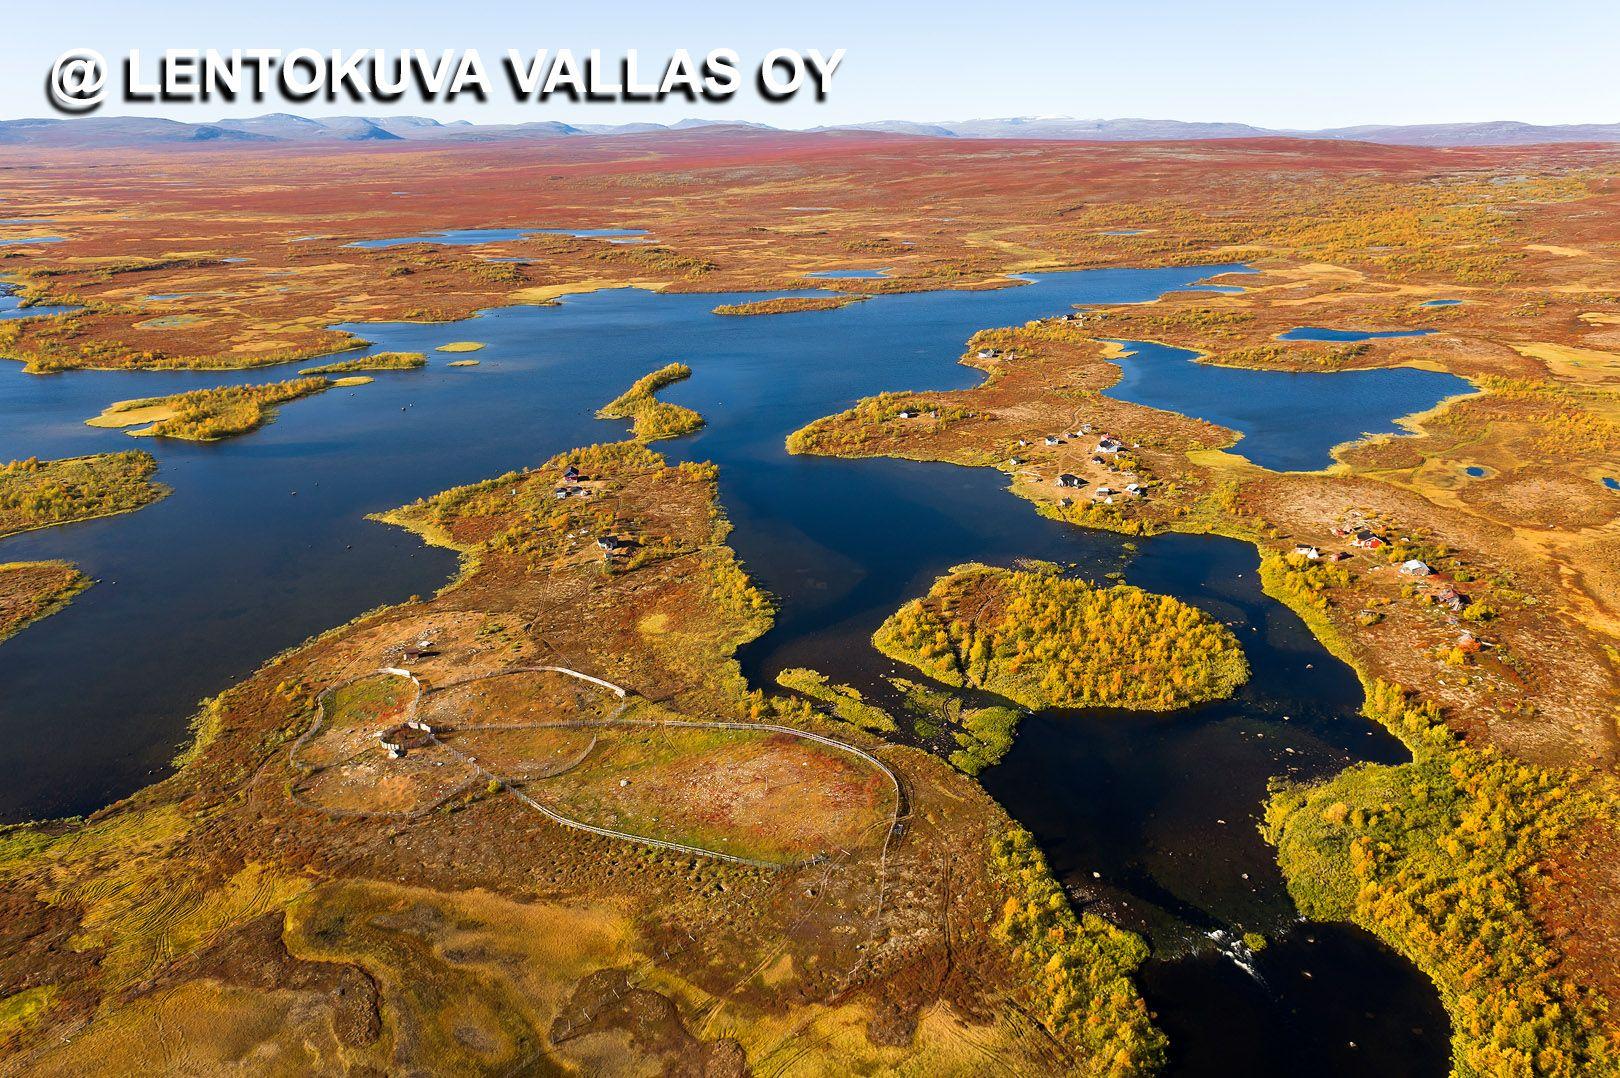 Enontekiö, Raittijärven kylä Ilmakuva: Lentokuva Vallas Oy